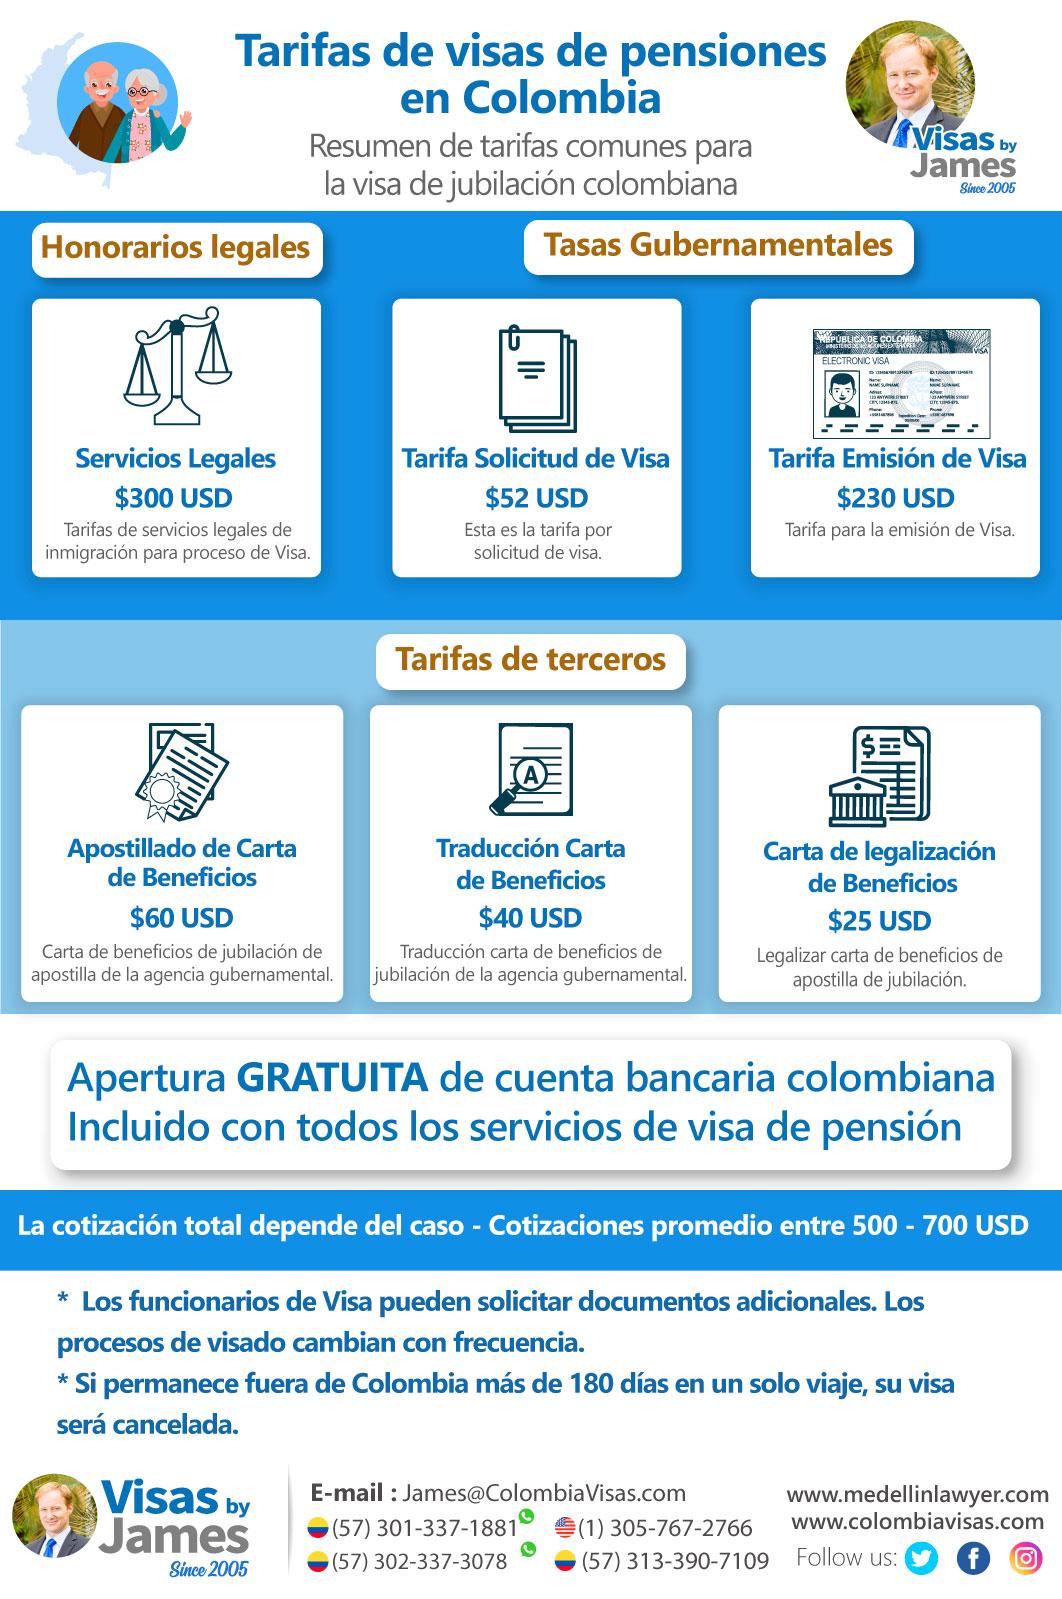 Tarifas de pension en colombia